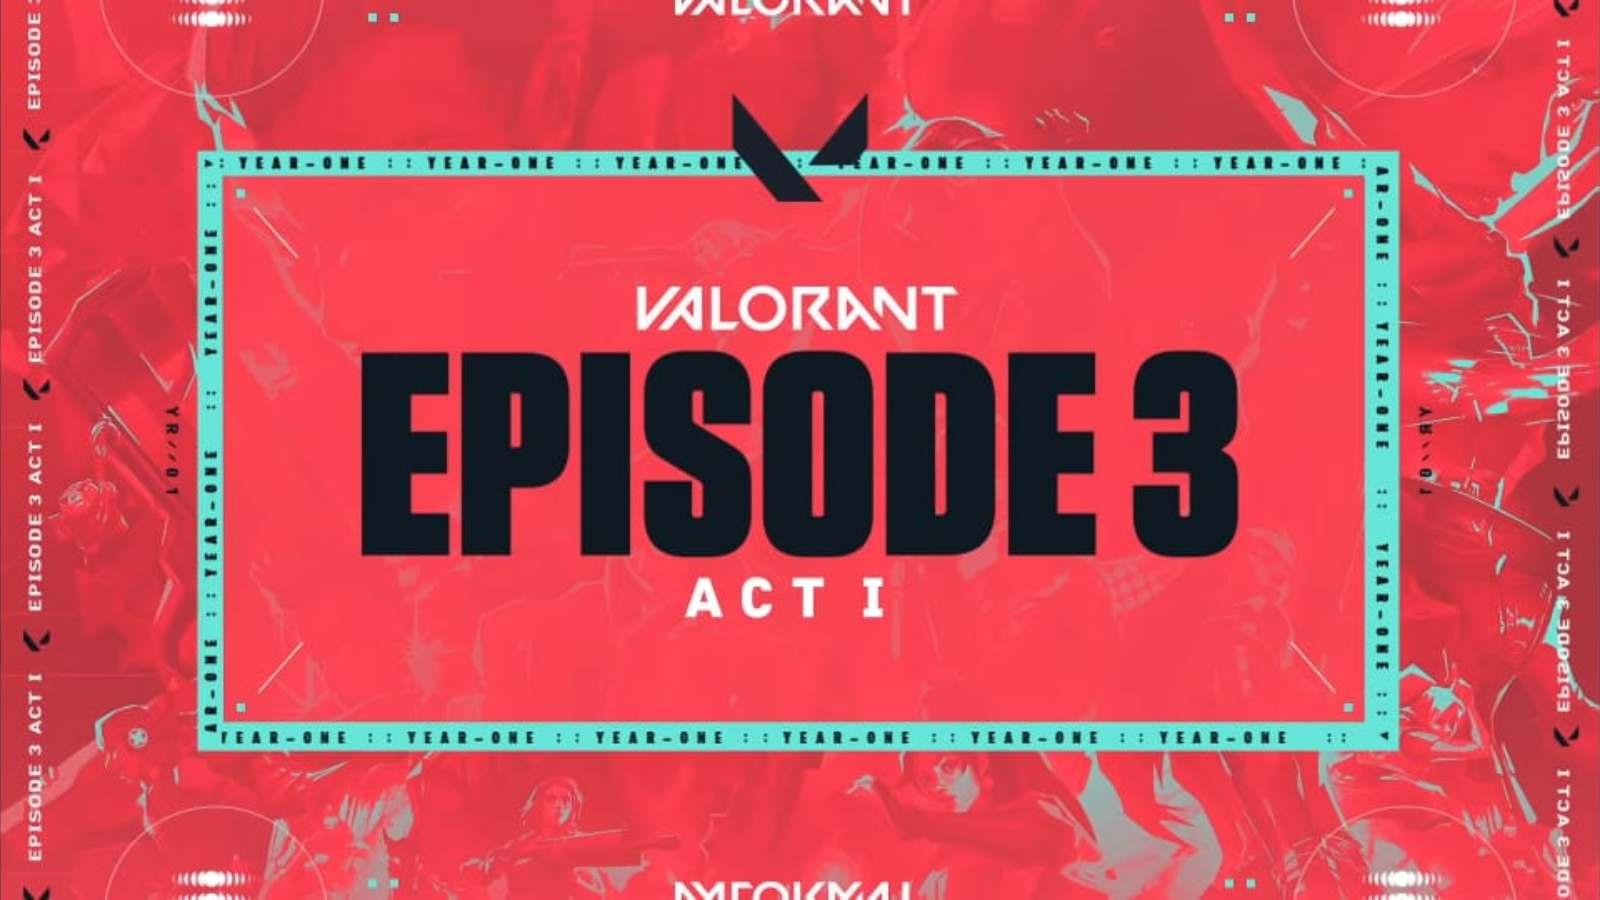 VALORANT Episode 3 Trailer